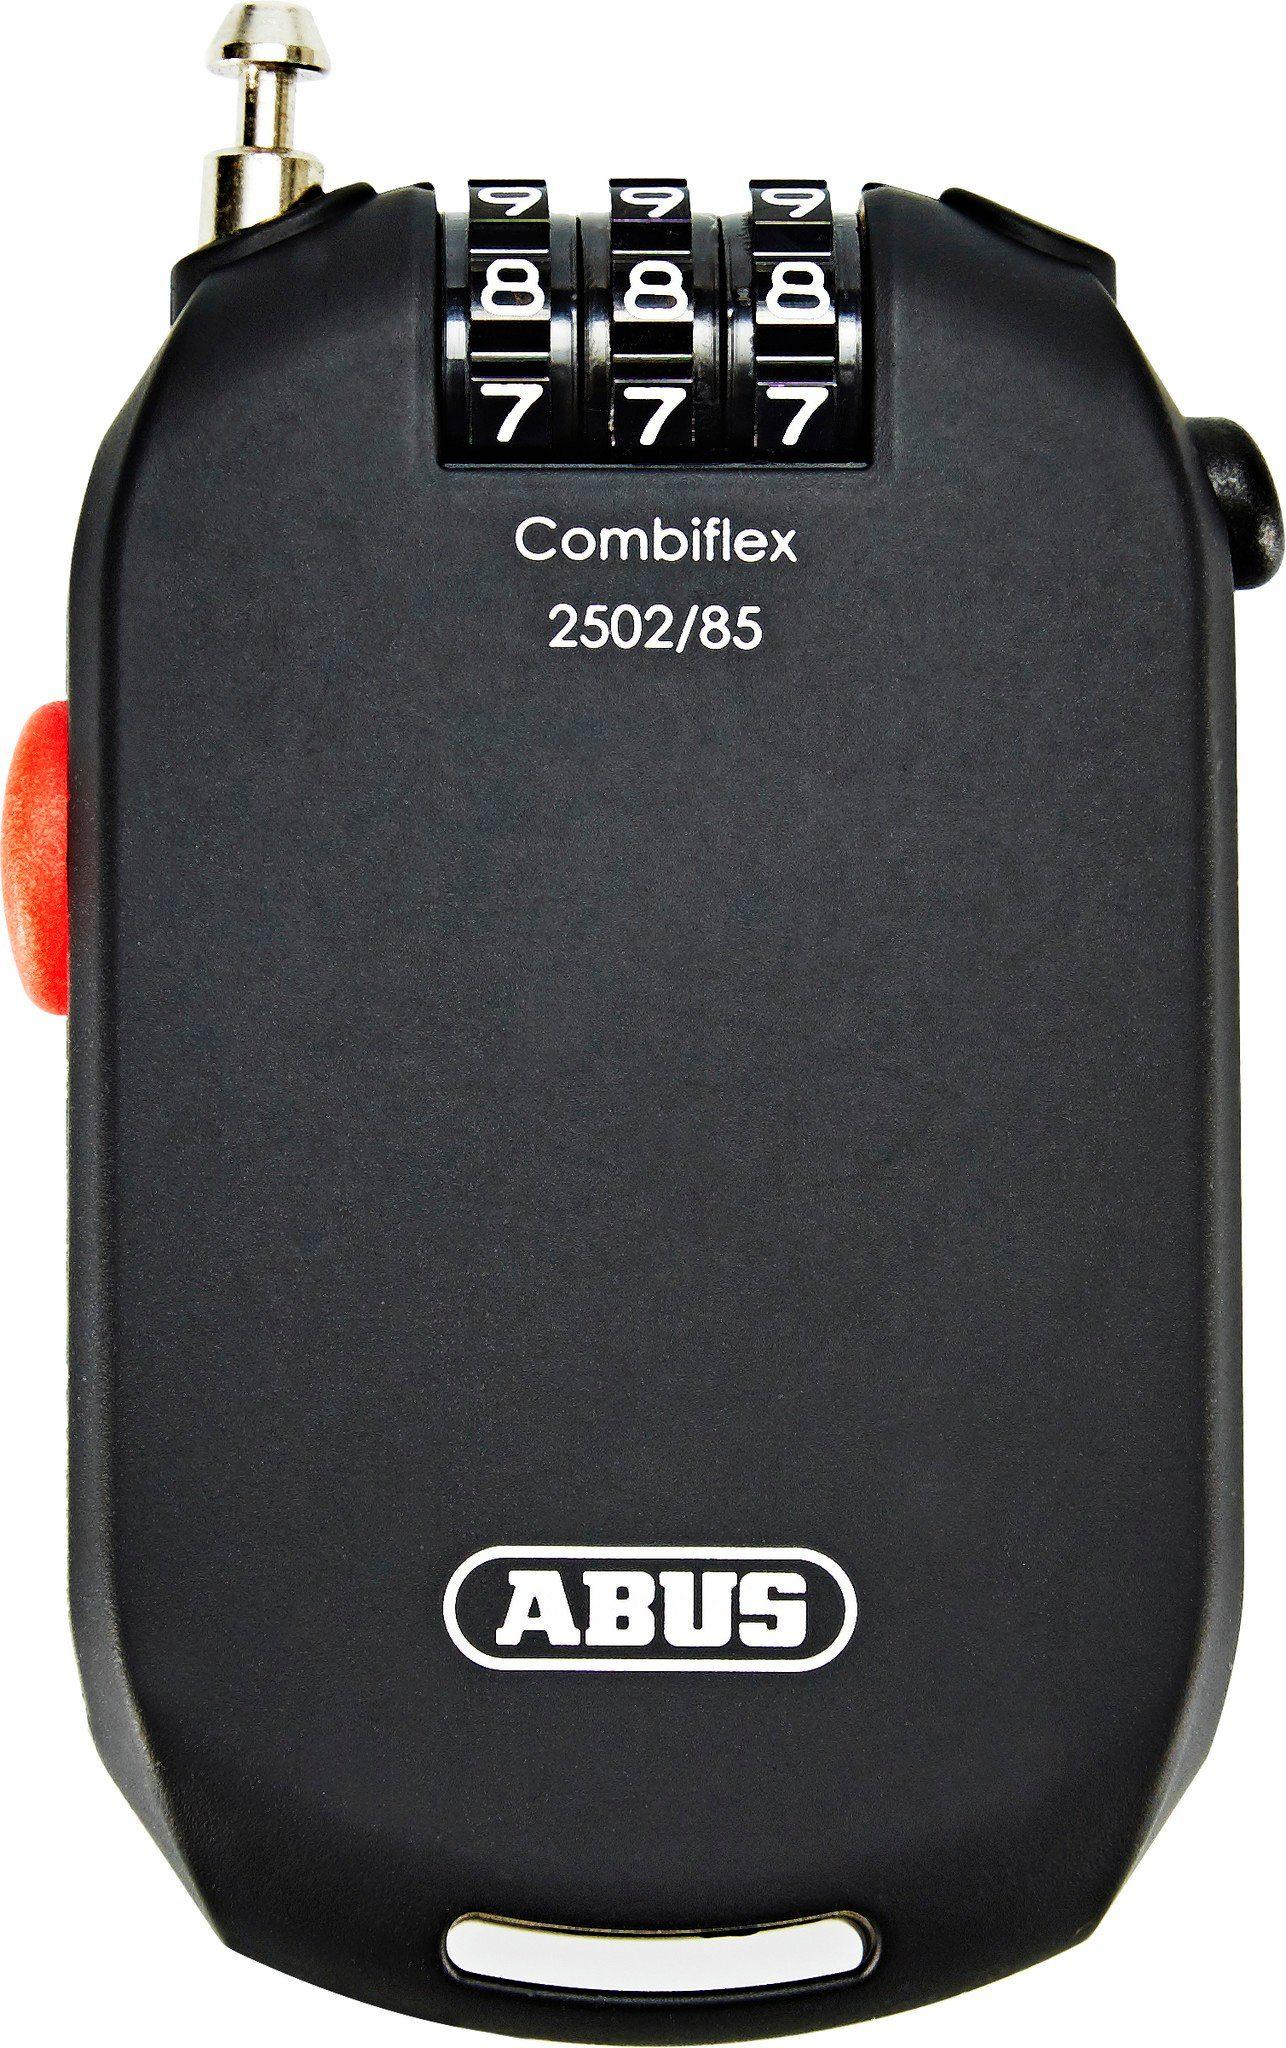 ABUS Fahrradschloss »Combiflex Pro 2502 Roll-Kabelschloss stark Zahlen«